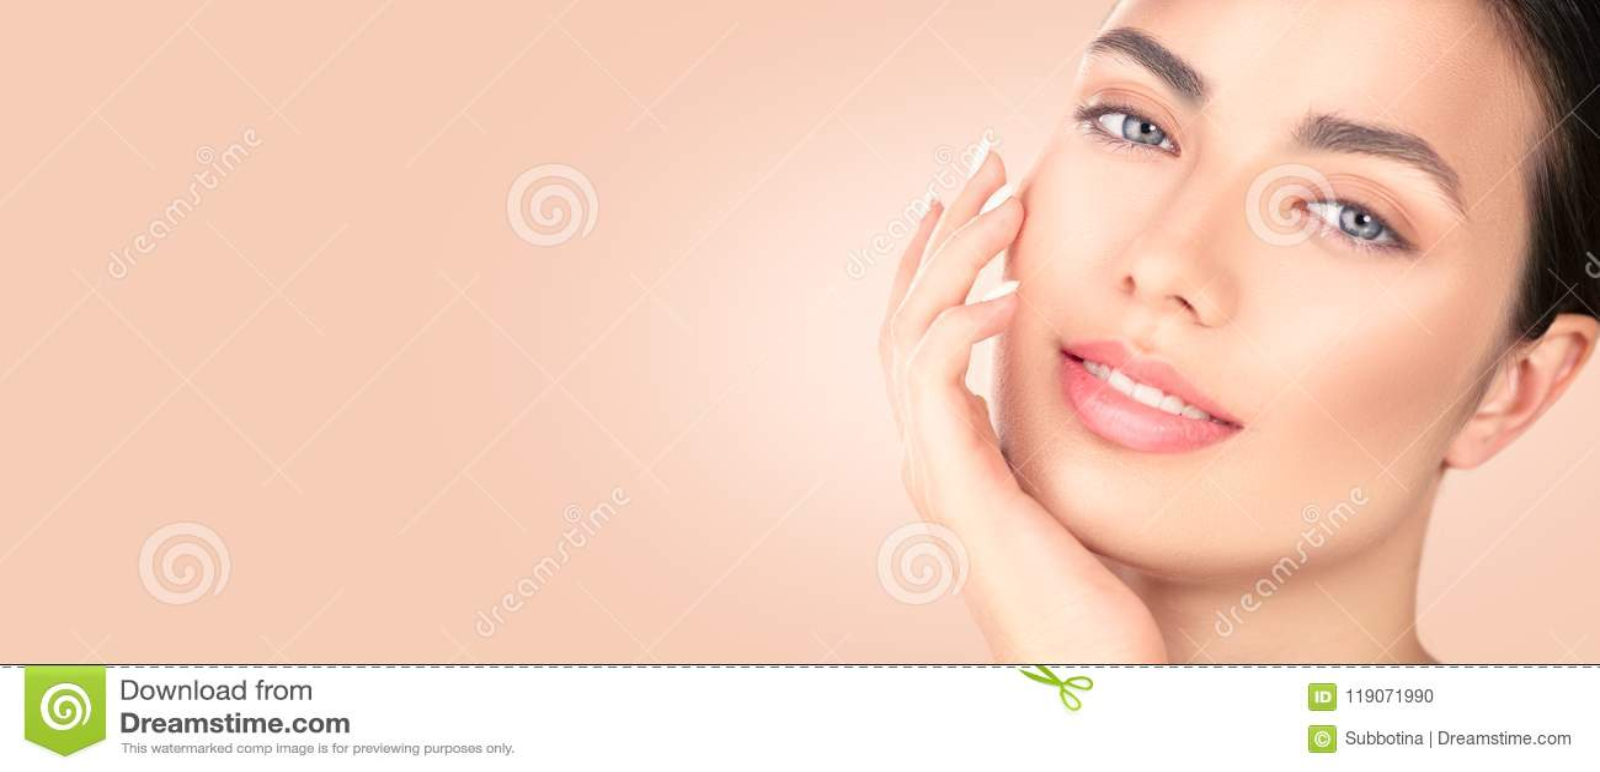 Mooi donkerbruin meisje wat betreft haar gezicht Zuiver Schoonheidsmodel Het Portret van de kuuroordschoonheid De jeugd en skinca